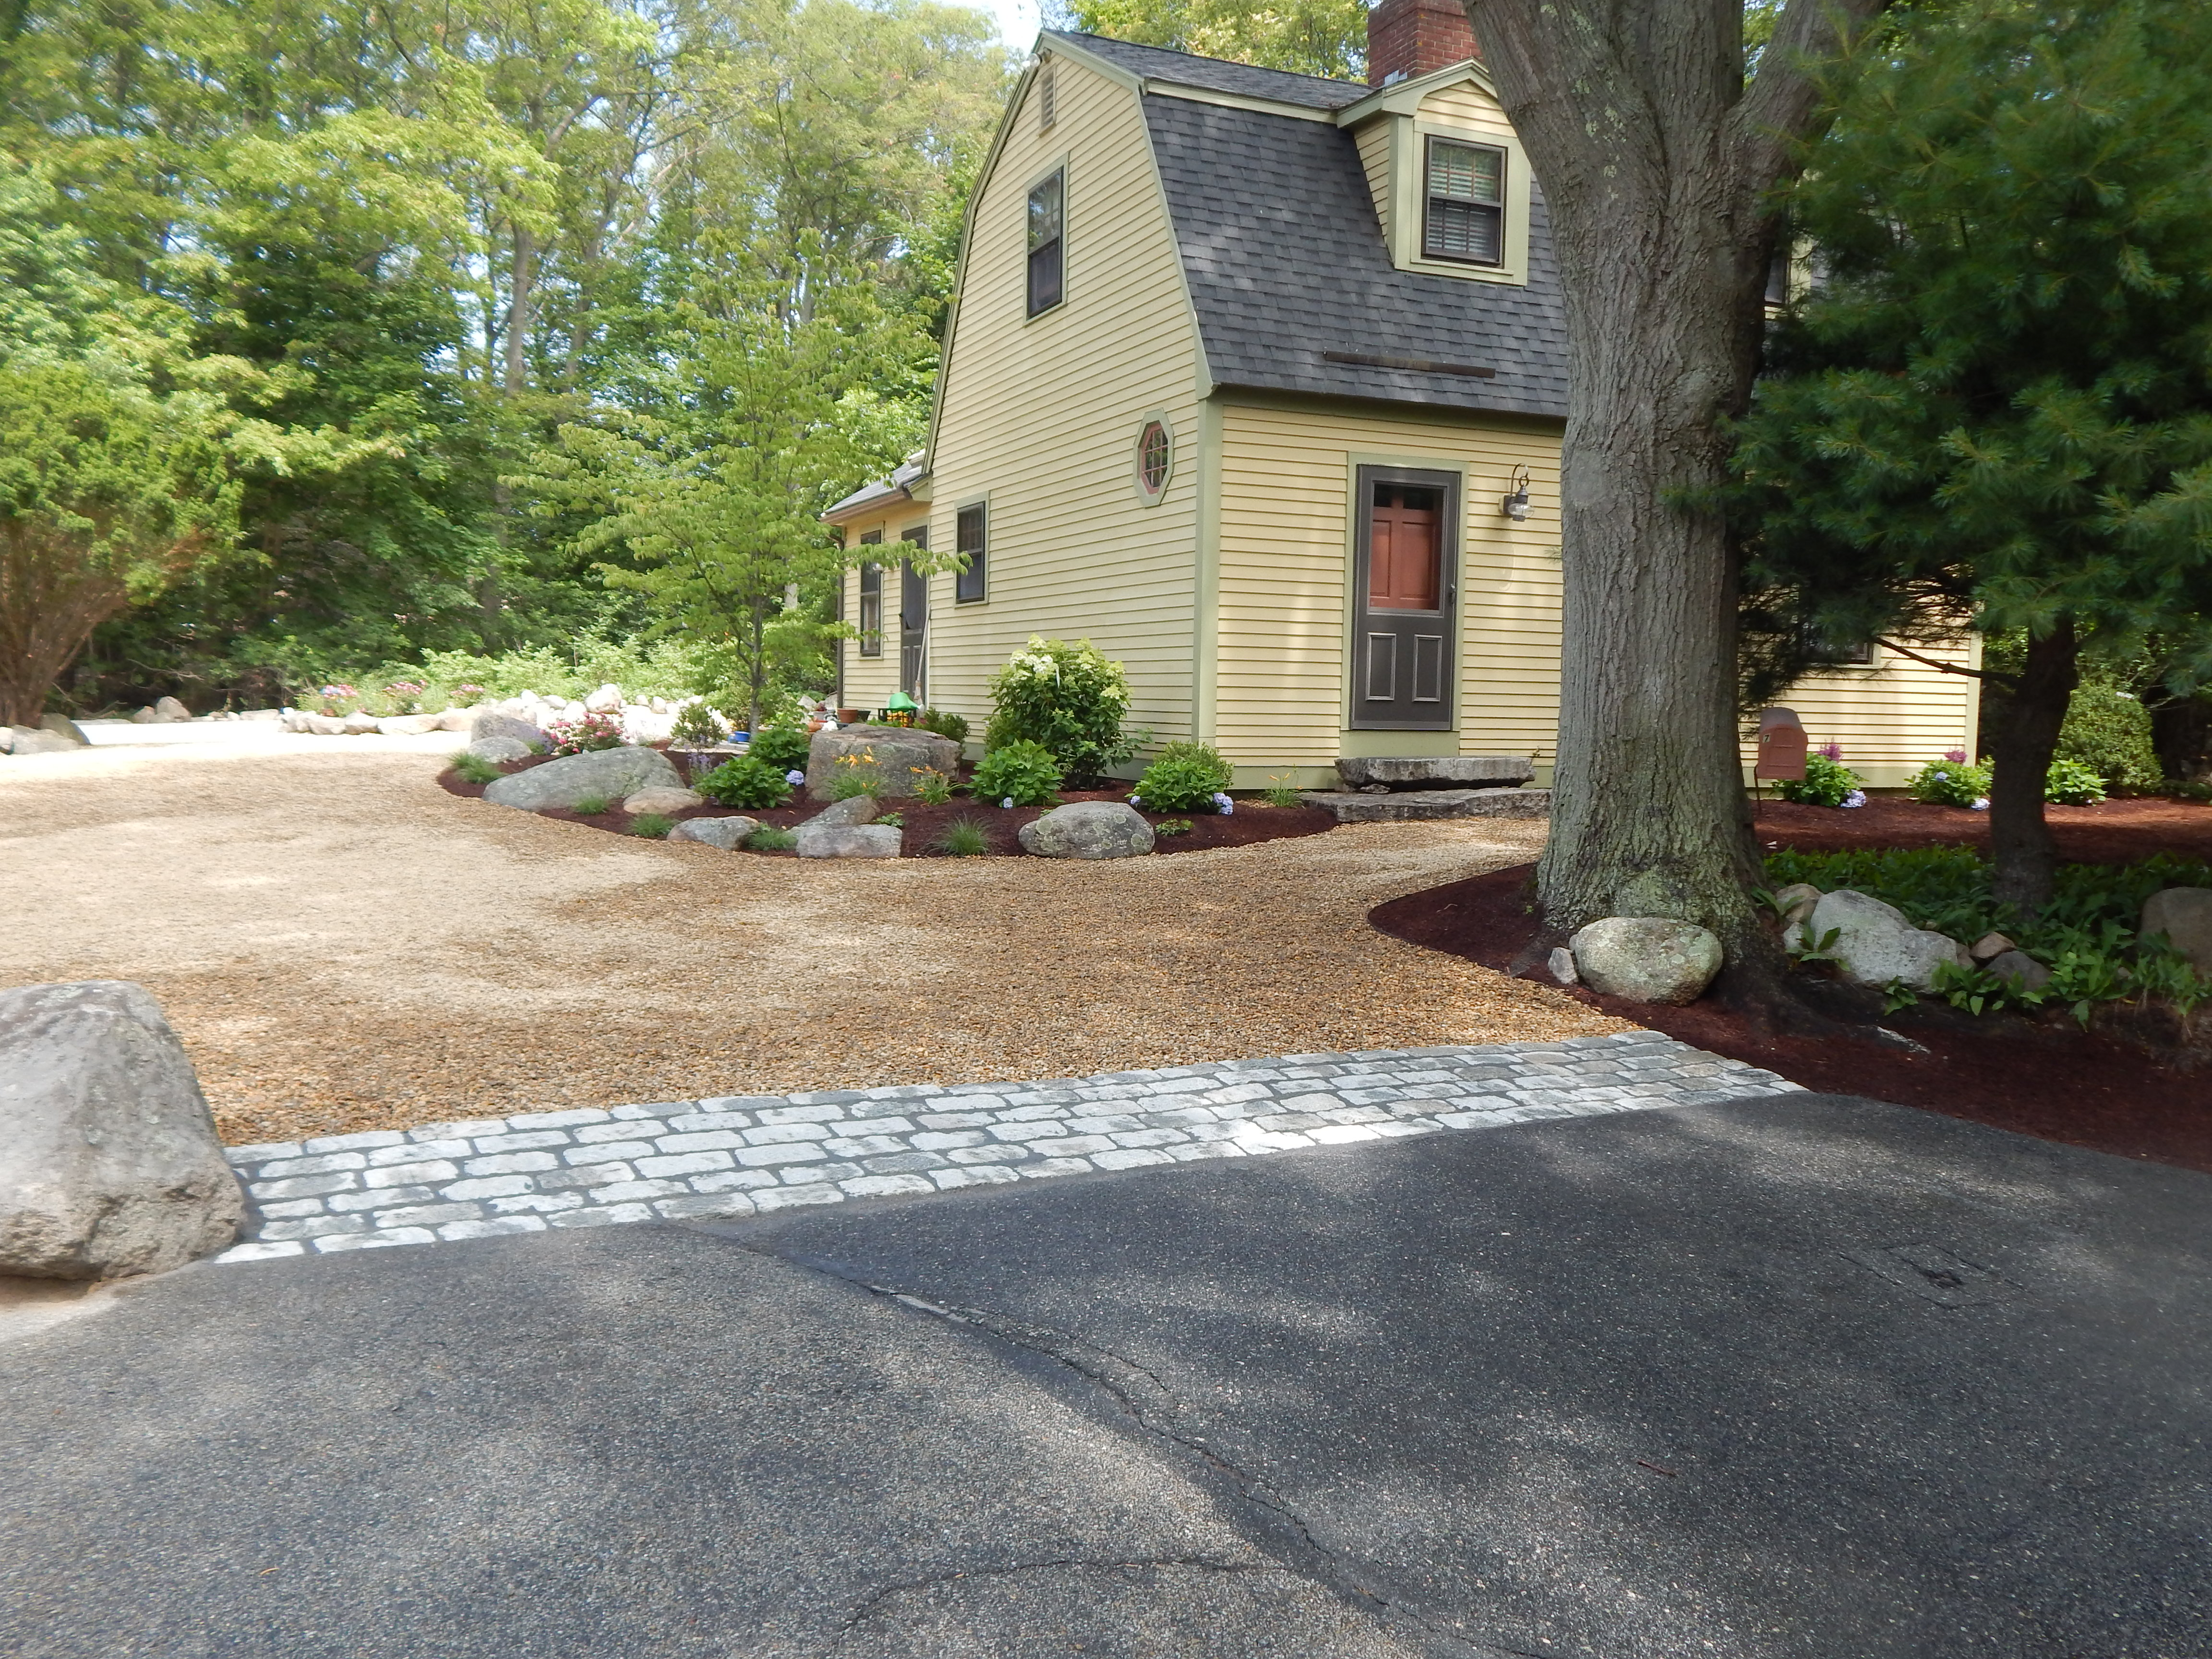 Pea Stone Drive/Cobble Apron